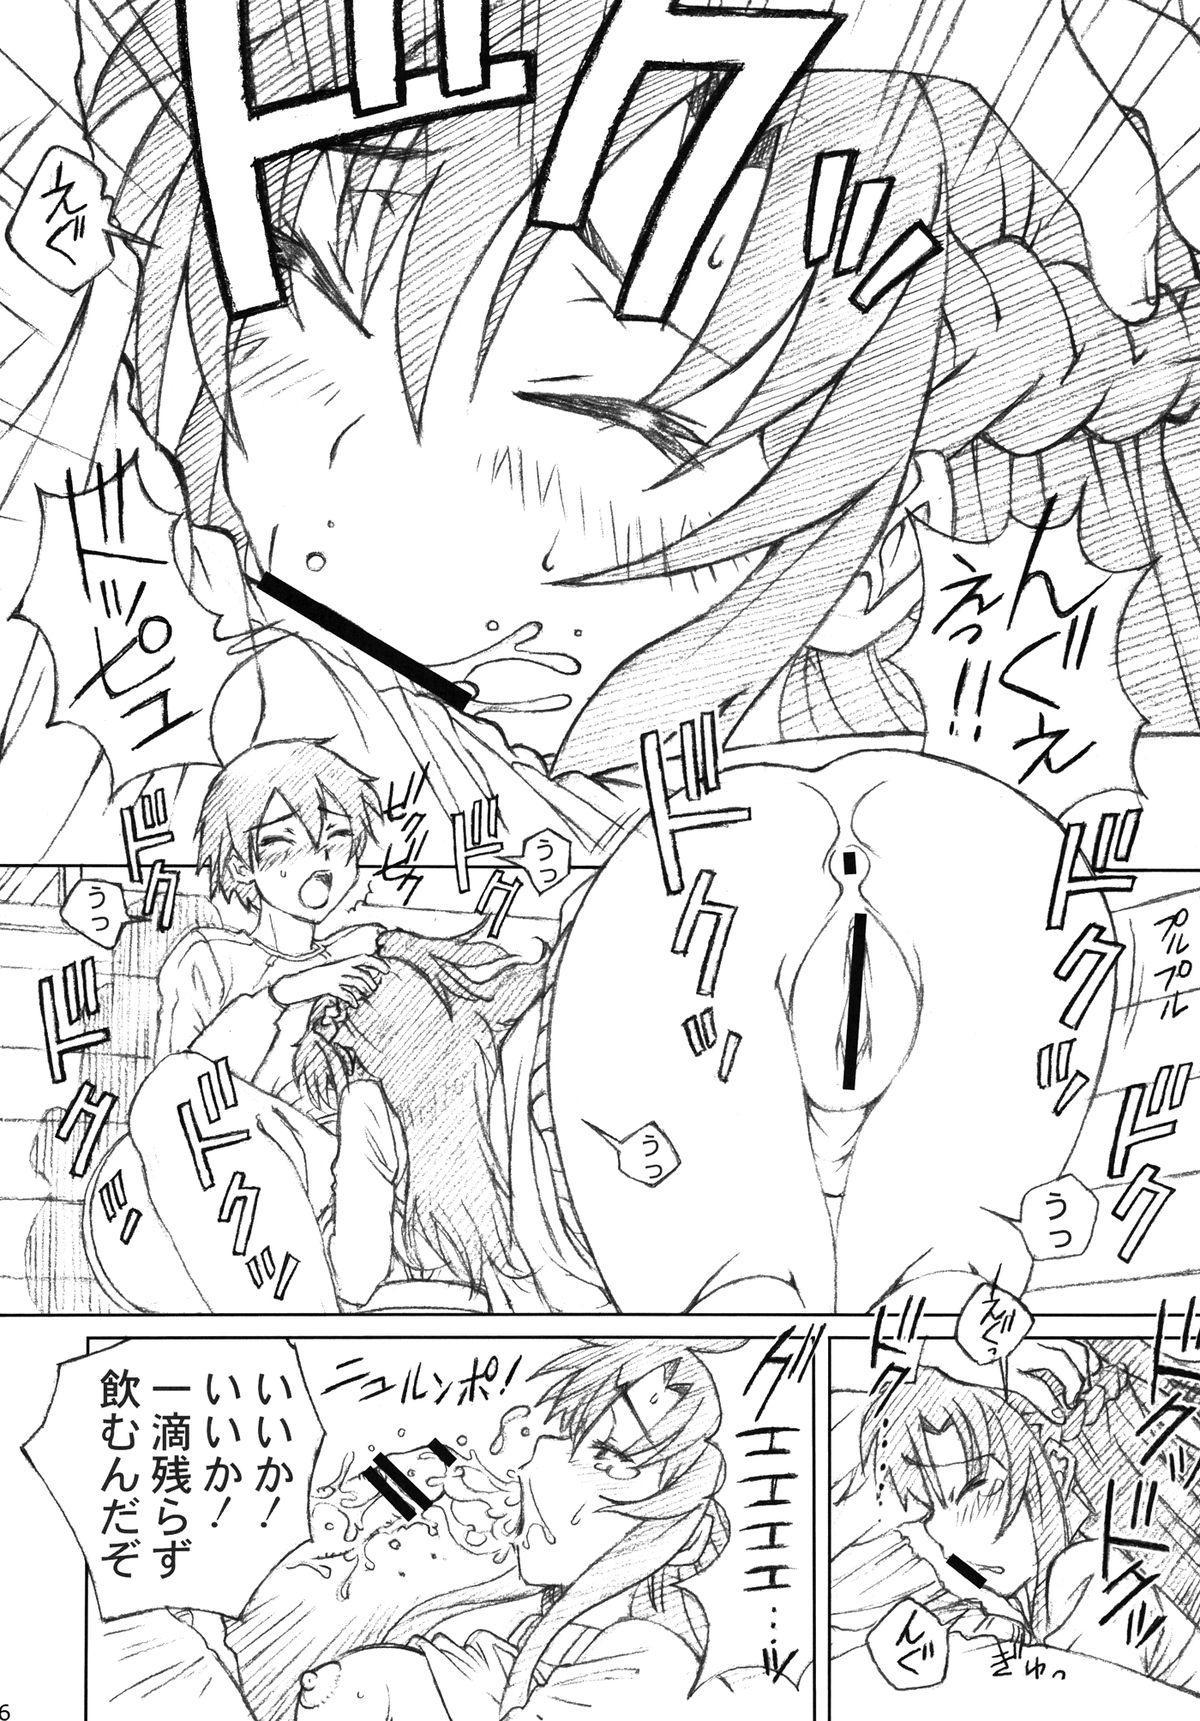 Asuna to Kirito no Icha Love Teki Shinkon Seikatsu 15